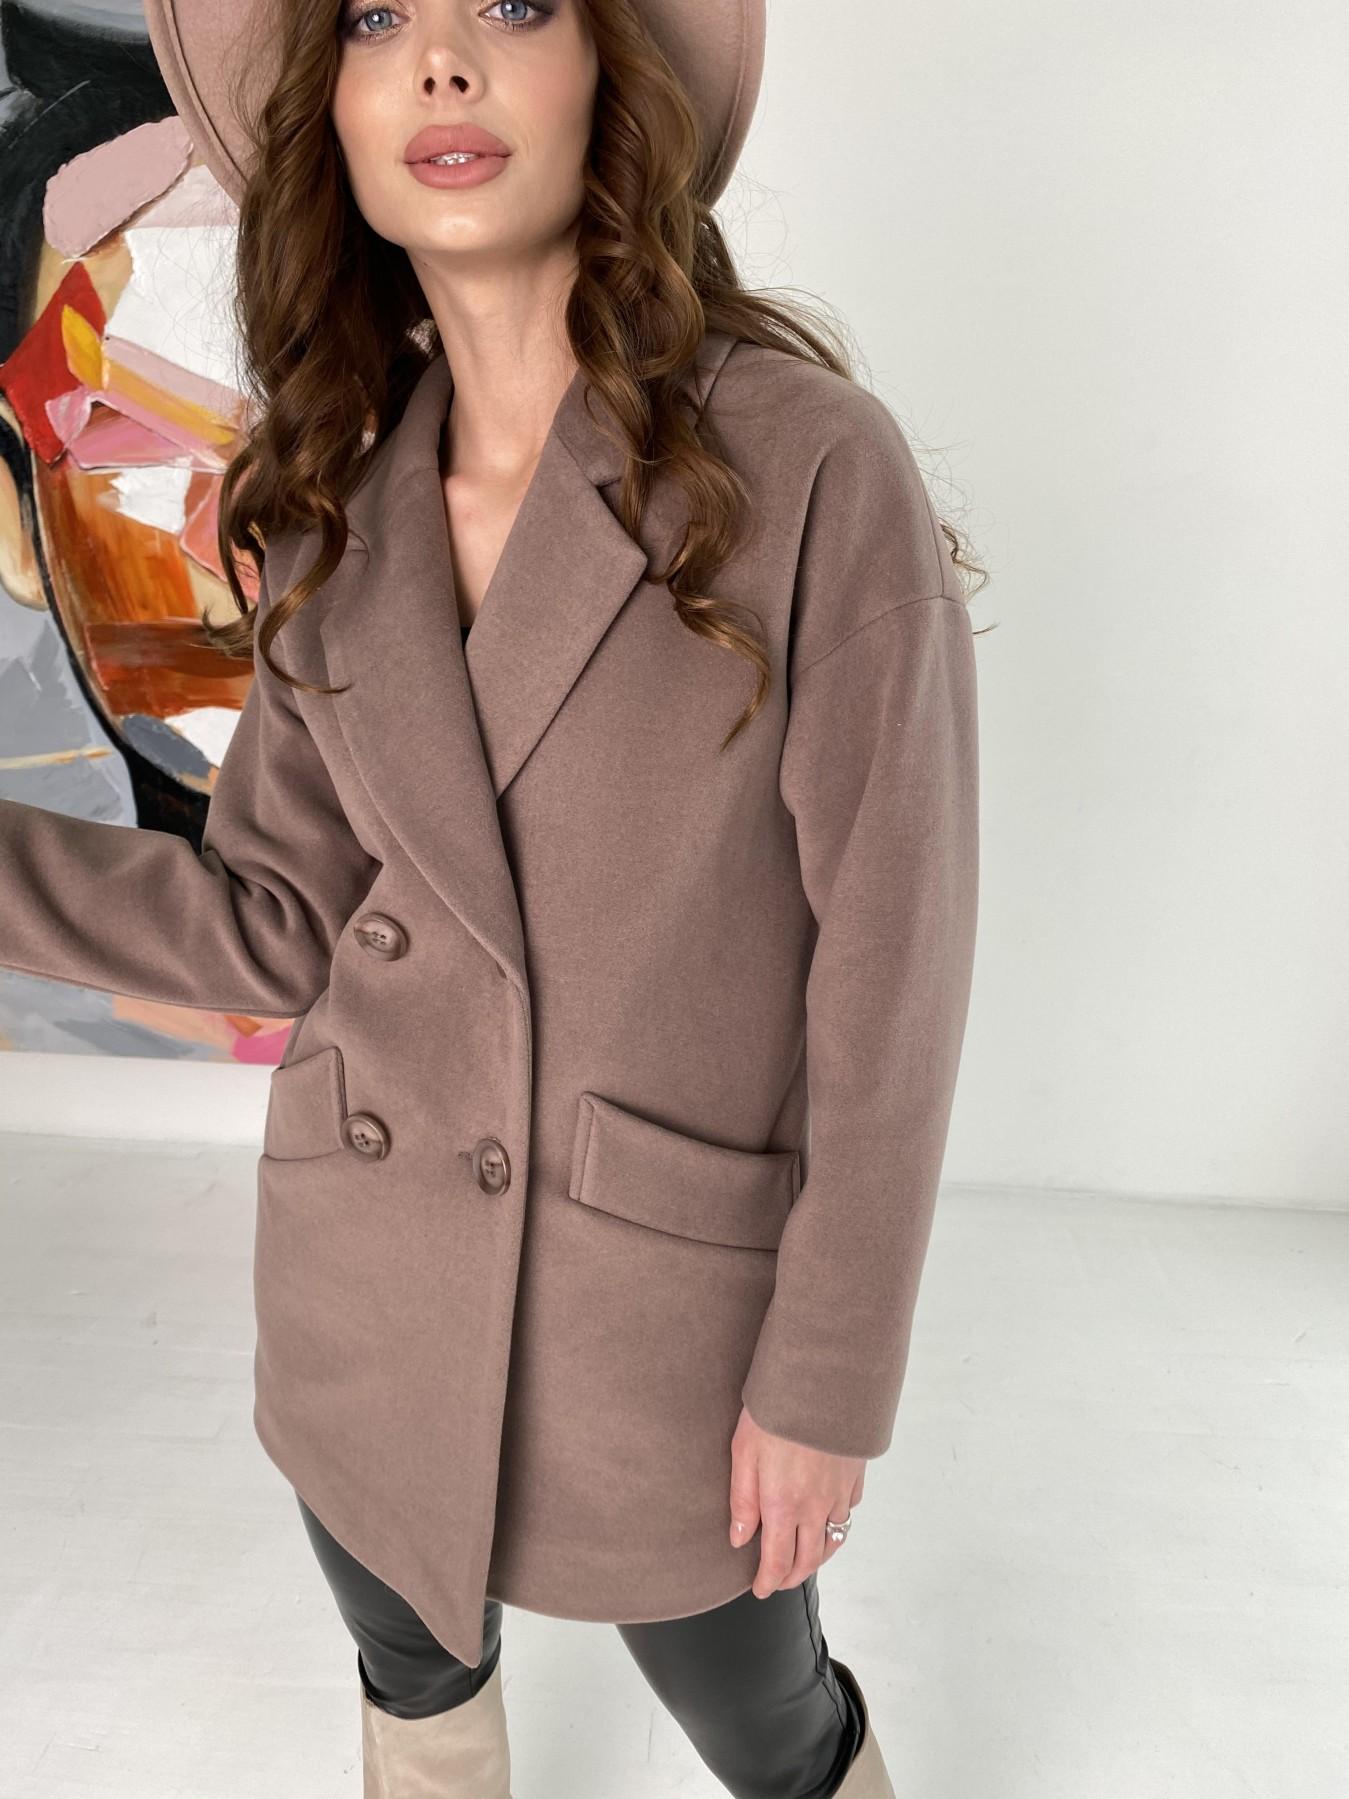 Бонд пальто кашемировое на трикотаже 10642 АРТ. 47009 Цвет: Кофе - фото 6, интернет магазин tm-modus.ru